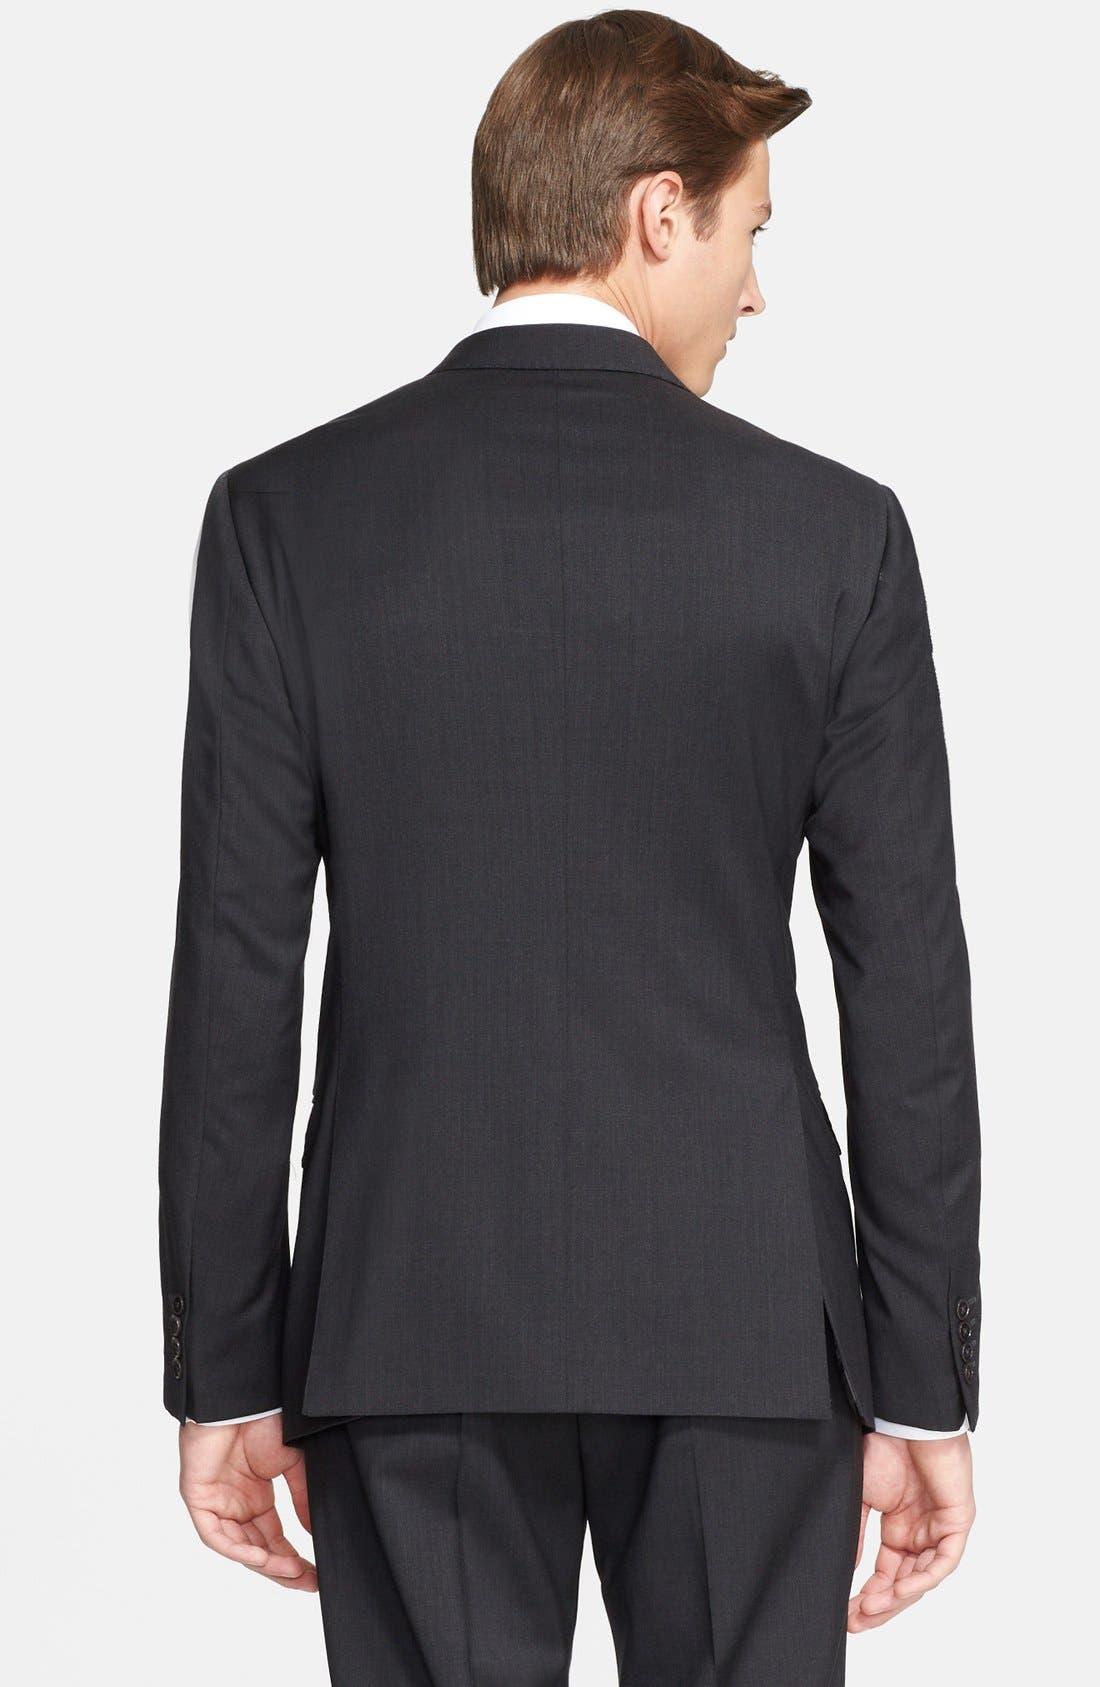 'G-Line' Trim Fit Solid Wool Suit,                             Alternate thumbnail 11, color,                             020